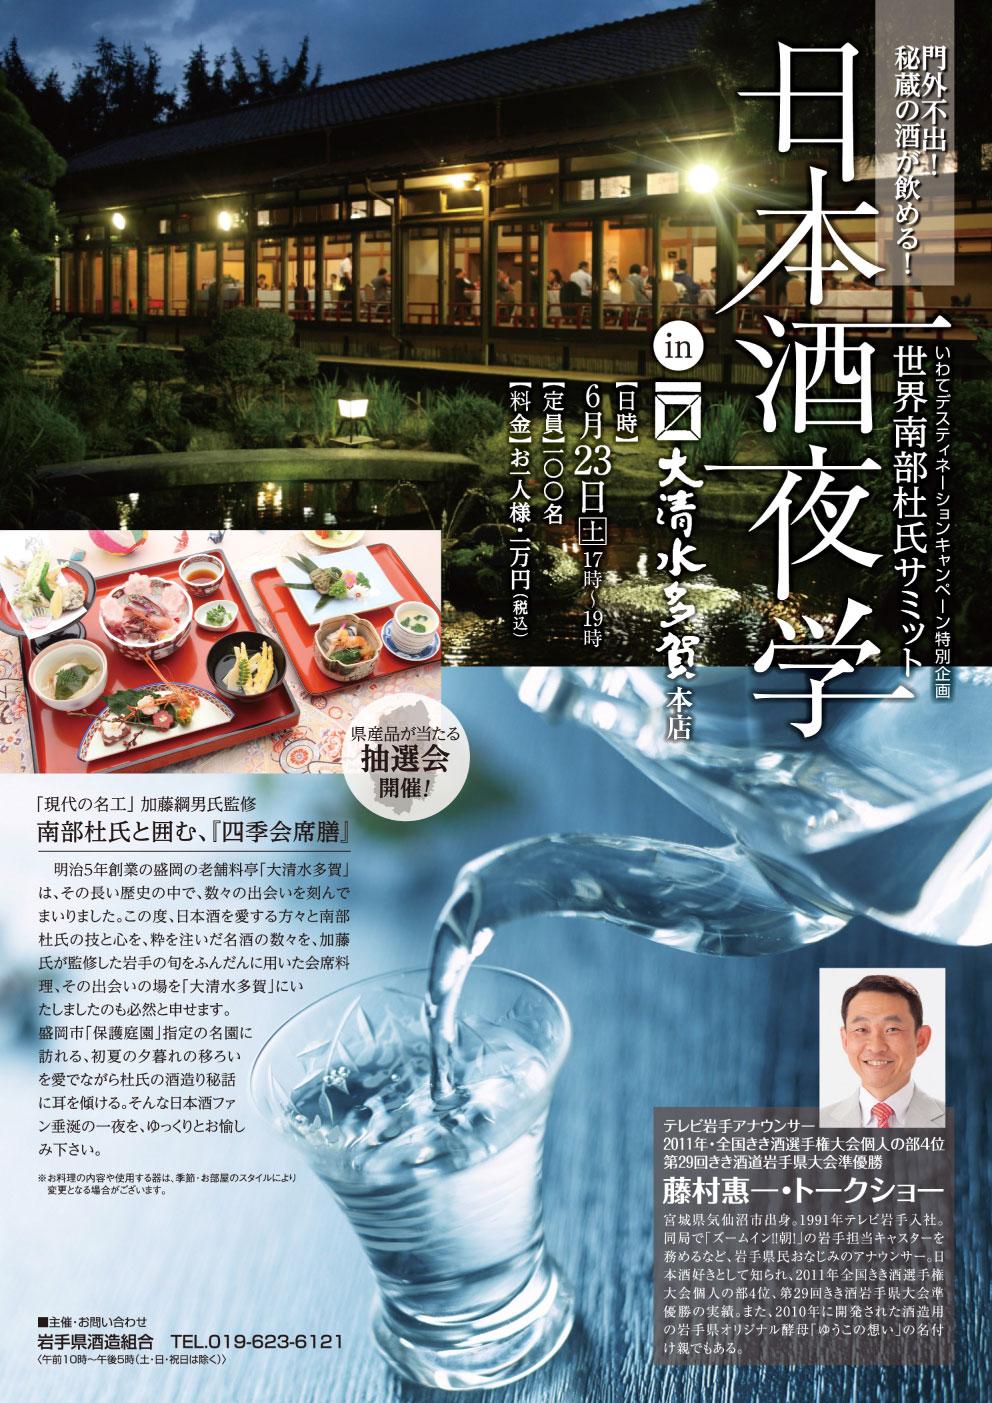 20120531日本酒夜学 今回は岩手県内の全ての日本酒が楽しめますので、内容もいつもの日本酒夜